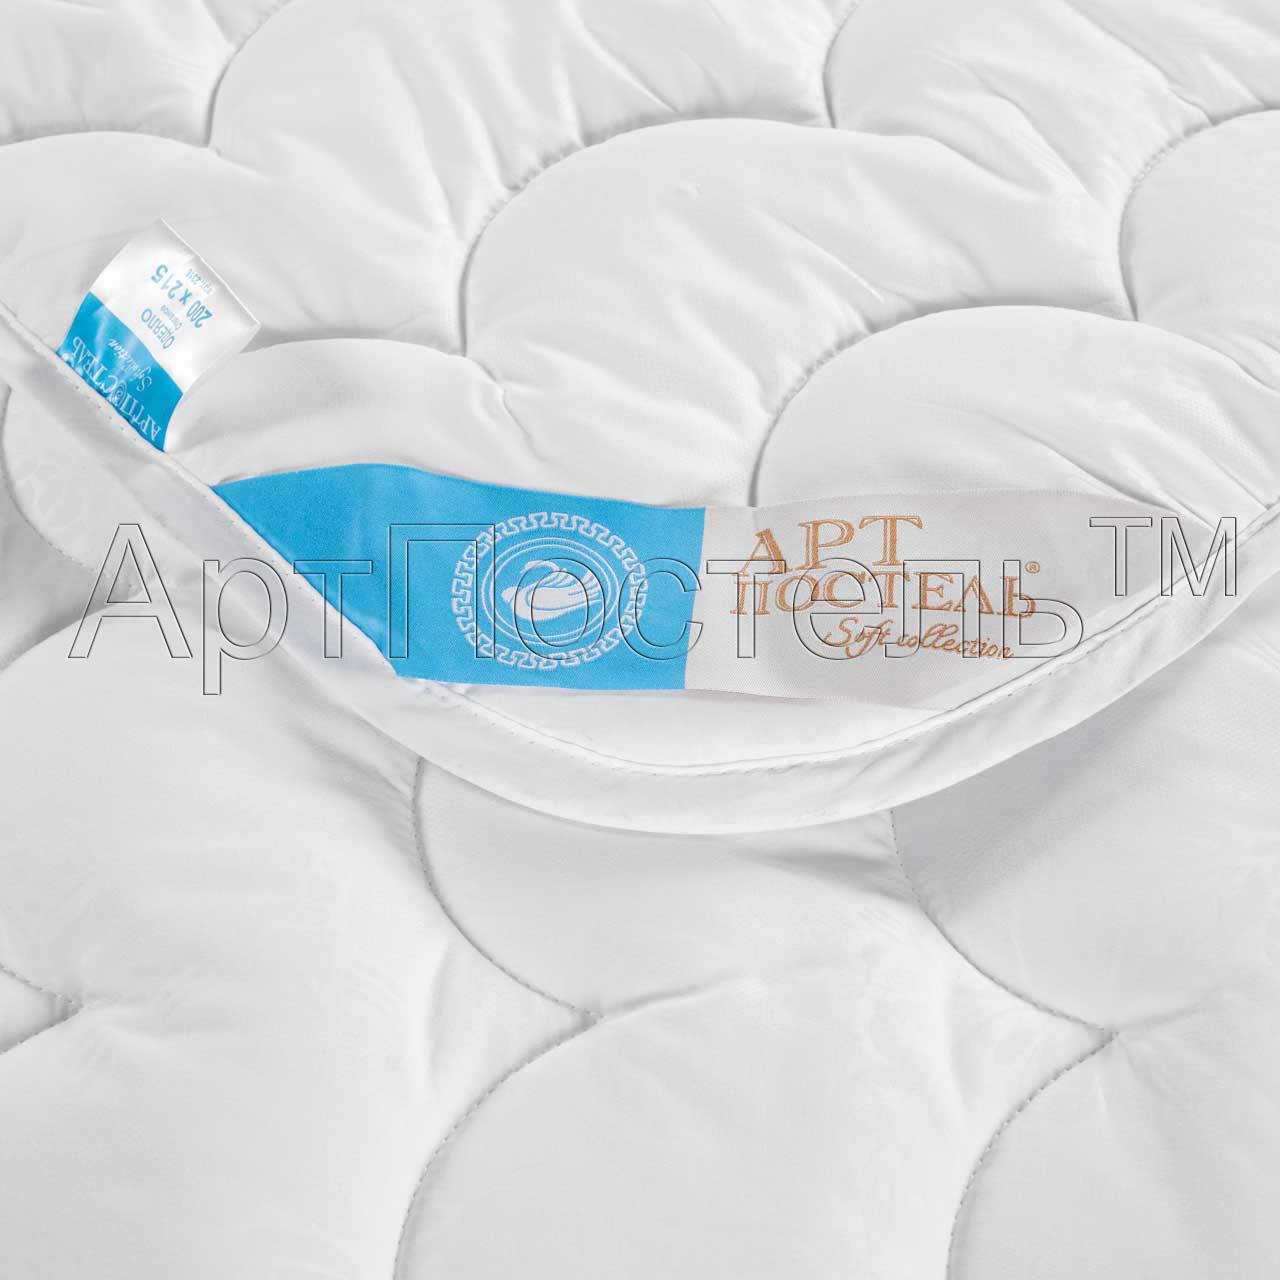 Одеяло Лебяжий пух Soft Collection, размер Евро (200х215 см)Одеяла<br>Длина:215 см<br>Ширина:200 см<br>Чехол:Стеганый, с окаймляющей лентой<br>Плотность ткани:115 г/кв. м<br>Плотность наполнителя:350 г/кв. м<br><br>Тип: Одеяло<br>Размер: 200x215<br>Материал: Лебяжий пух